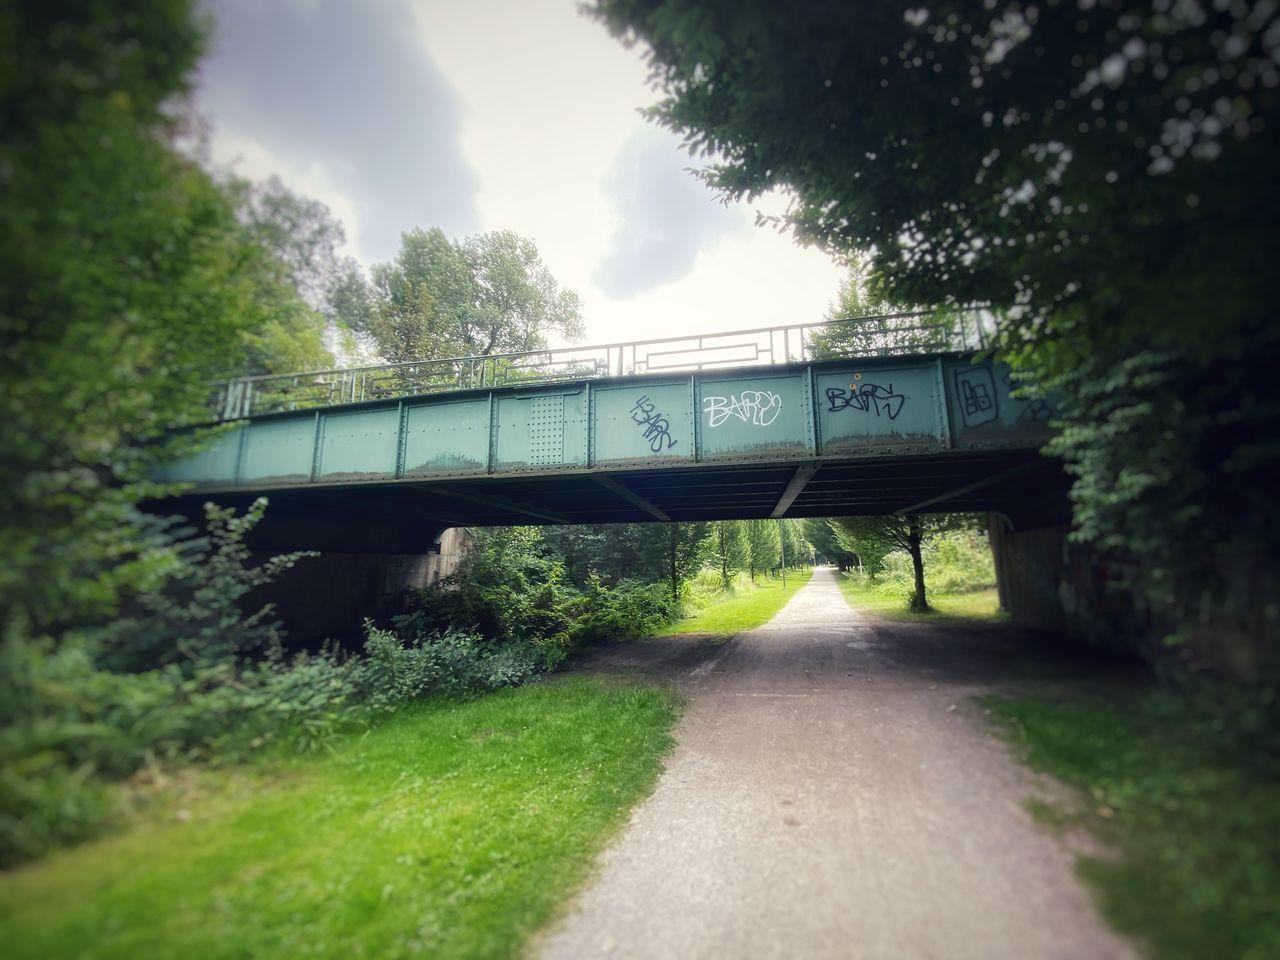 BRIDGE OVER ROAD AMIDST TREES